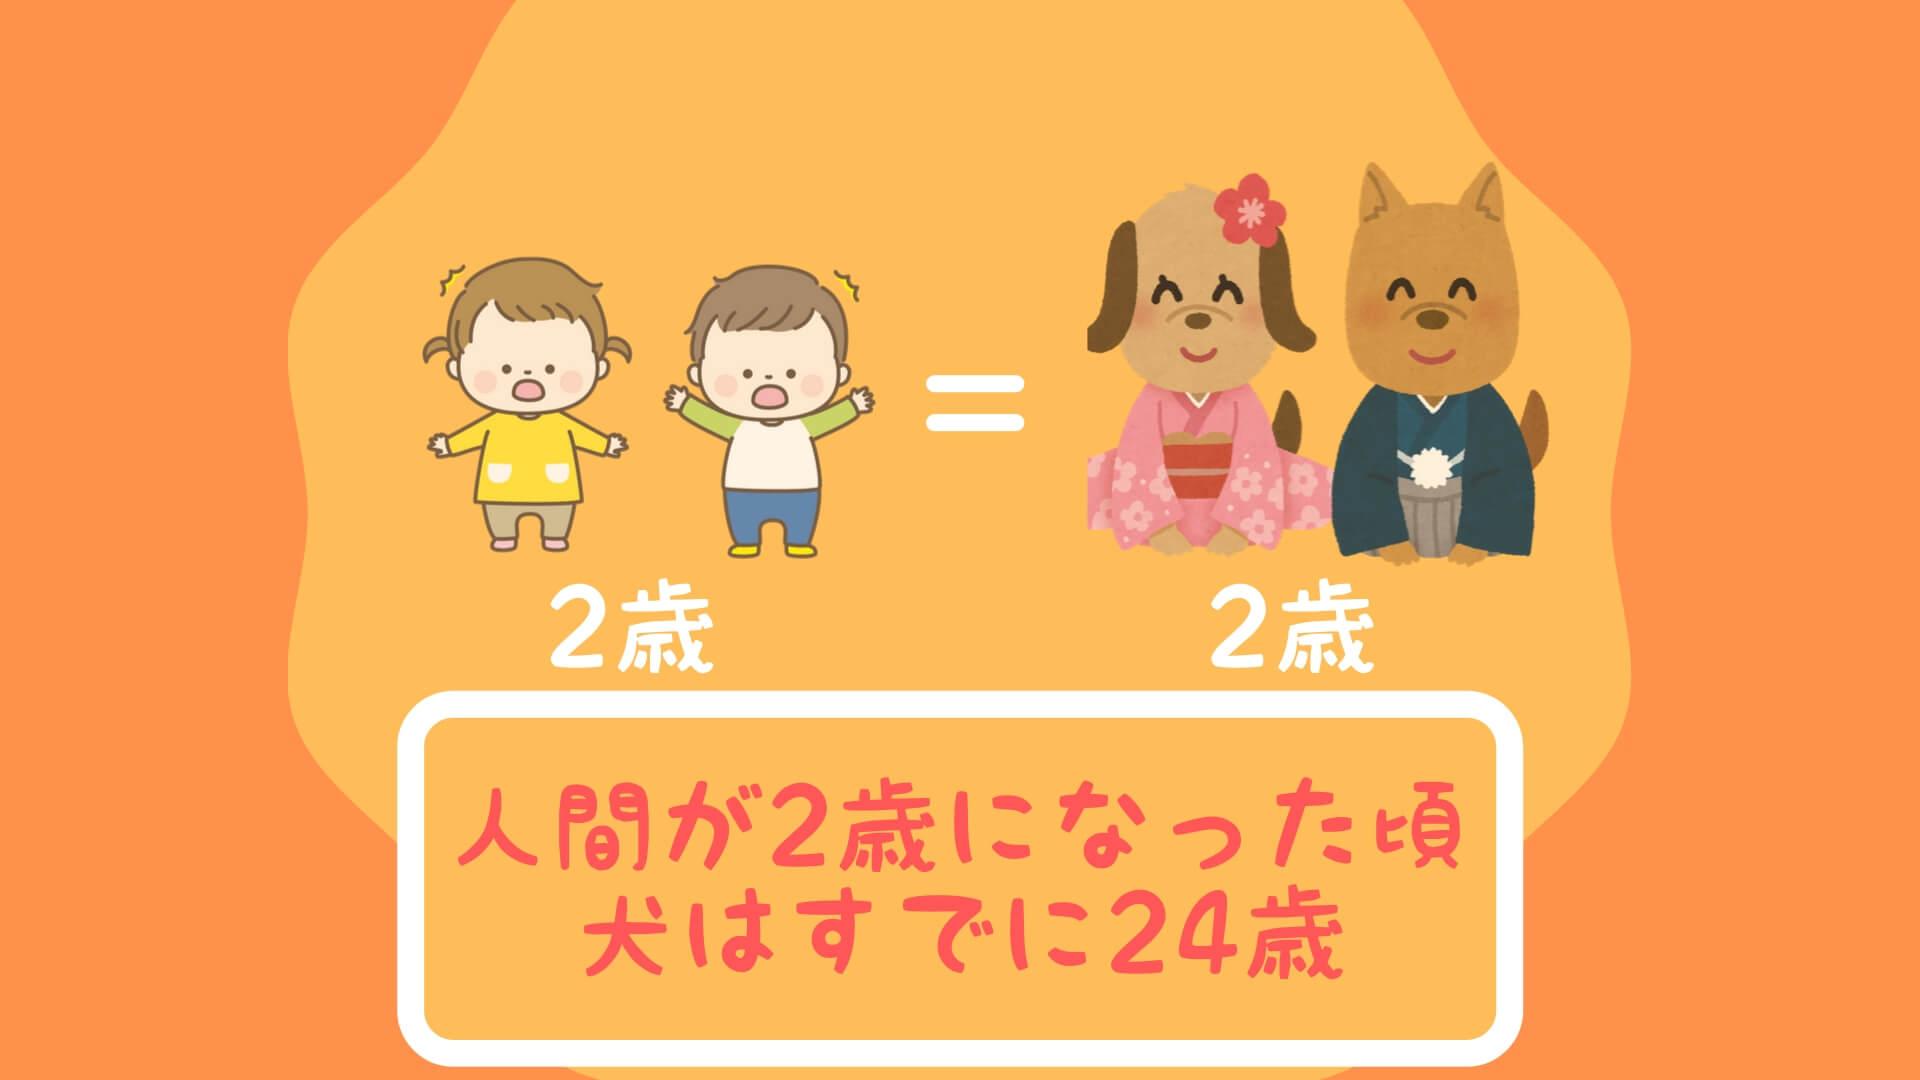 人間が2歳になった頃、犬はすでに24歳